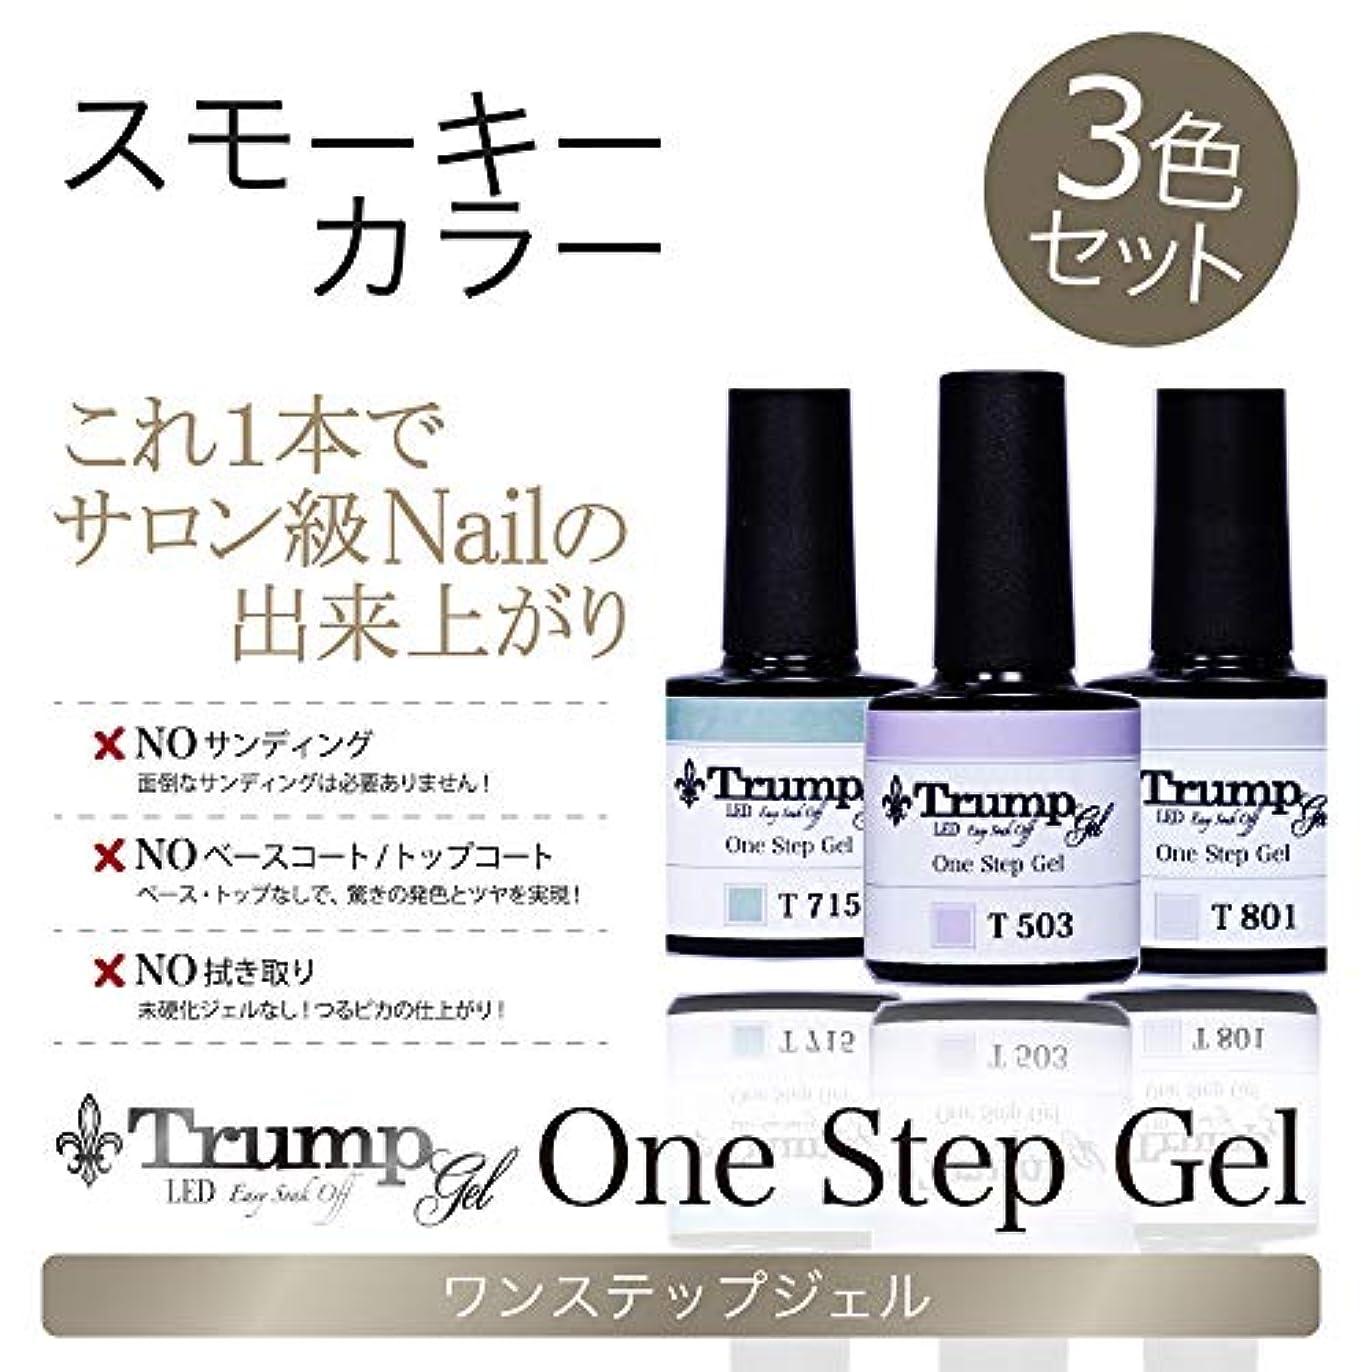 とにかくそれに応じて全部【日本製】Trump gel トランプジェル ワンステップジェル ジェルネイル カラージェル 3点 セット ニュアンス スモーキー グレージュ (スモーキーカラーセット)